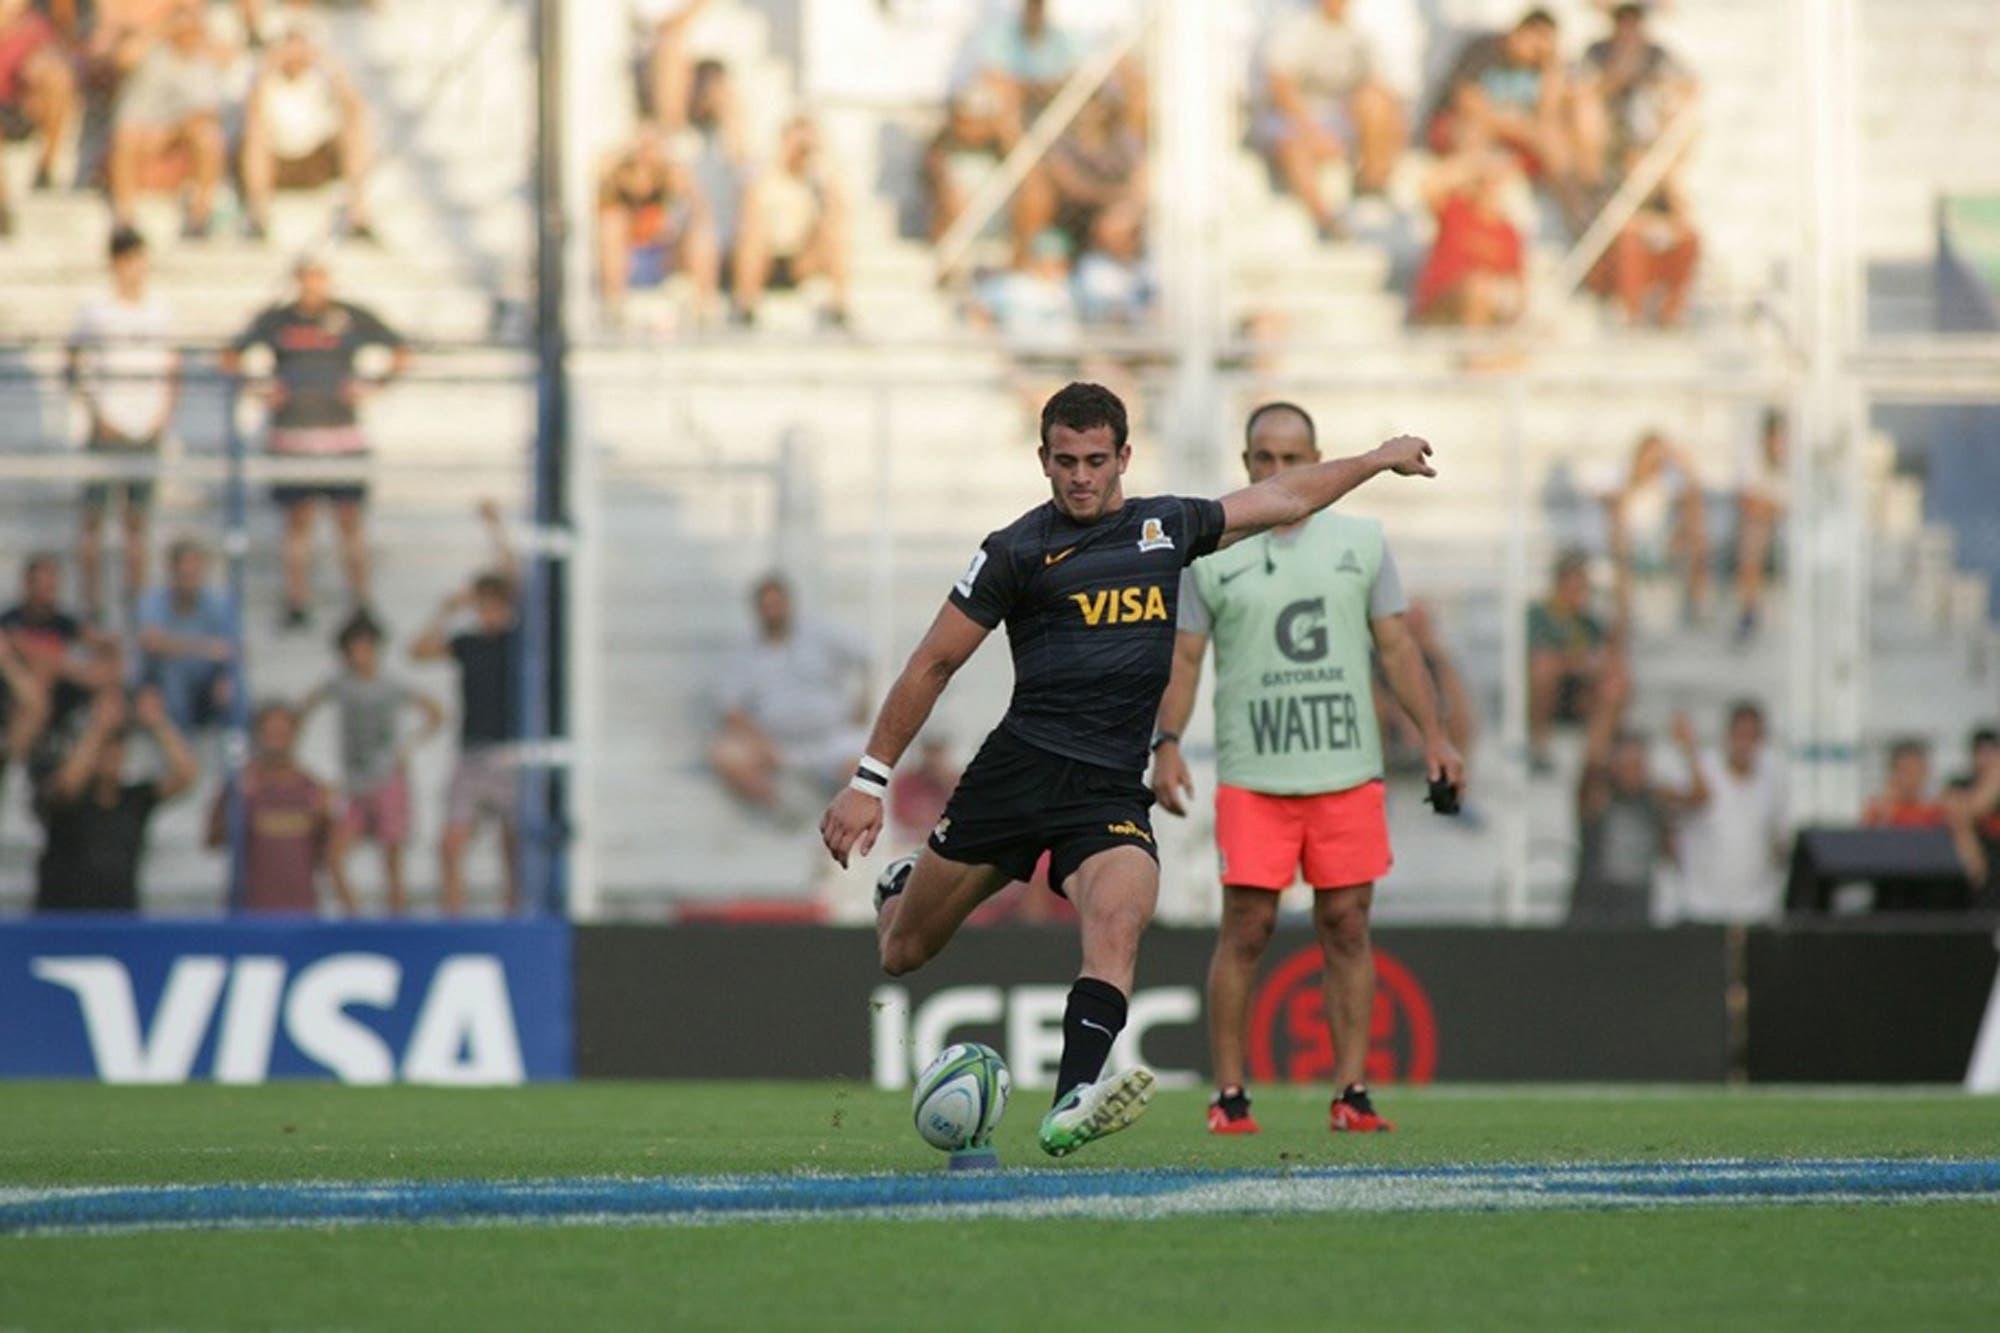 Jaguares-Lions, Super Rugby: el equipo de Quesada busca en una tierra hostil la tercera victoria seguida